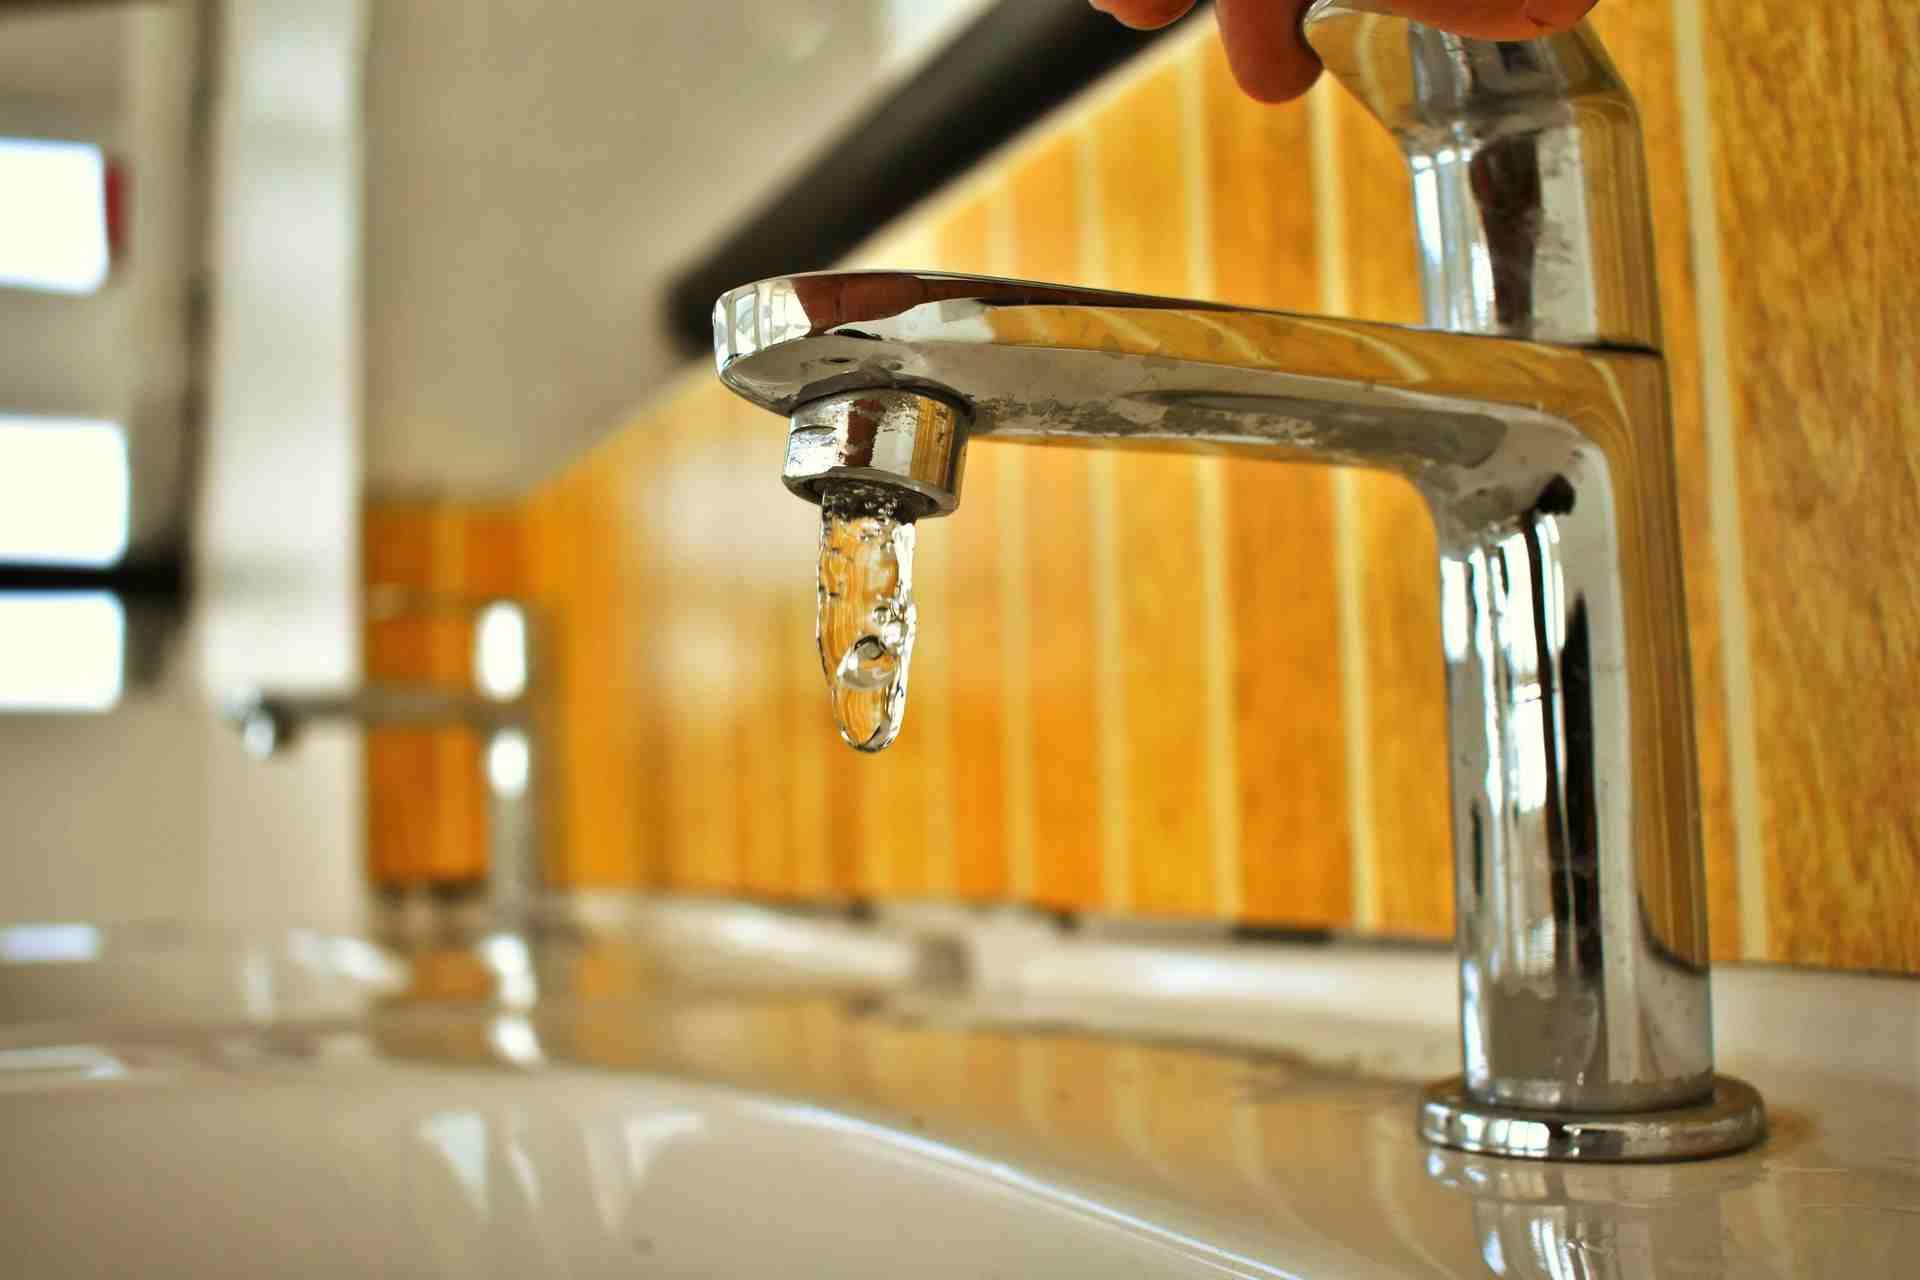 У новороссийцев из крана идет желтая вода